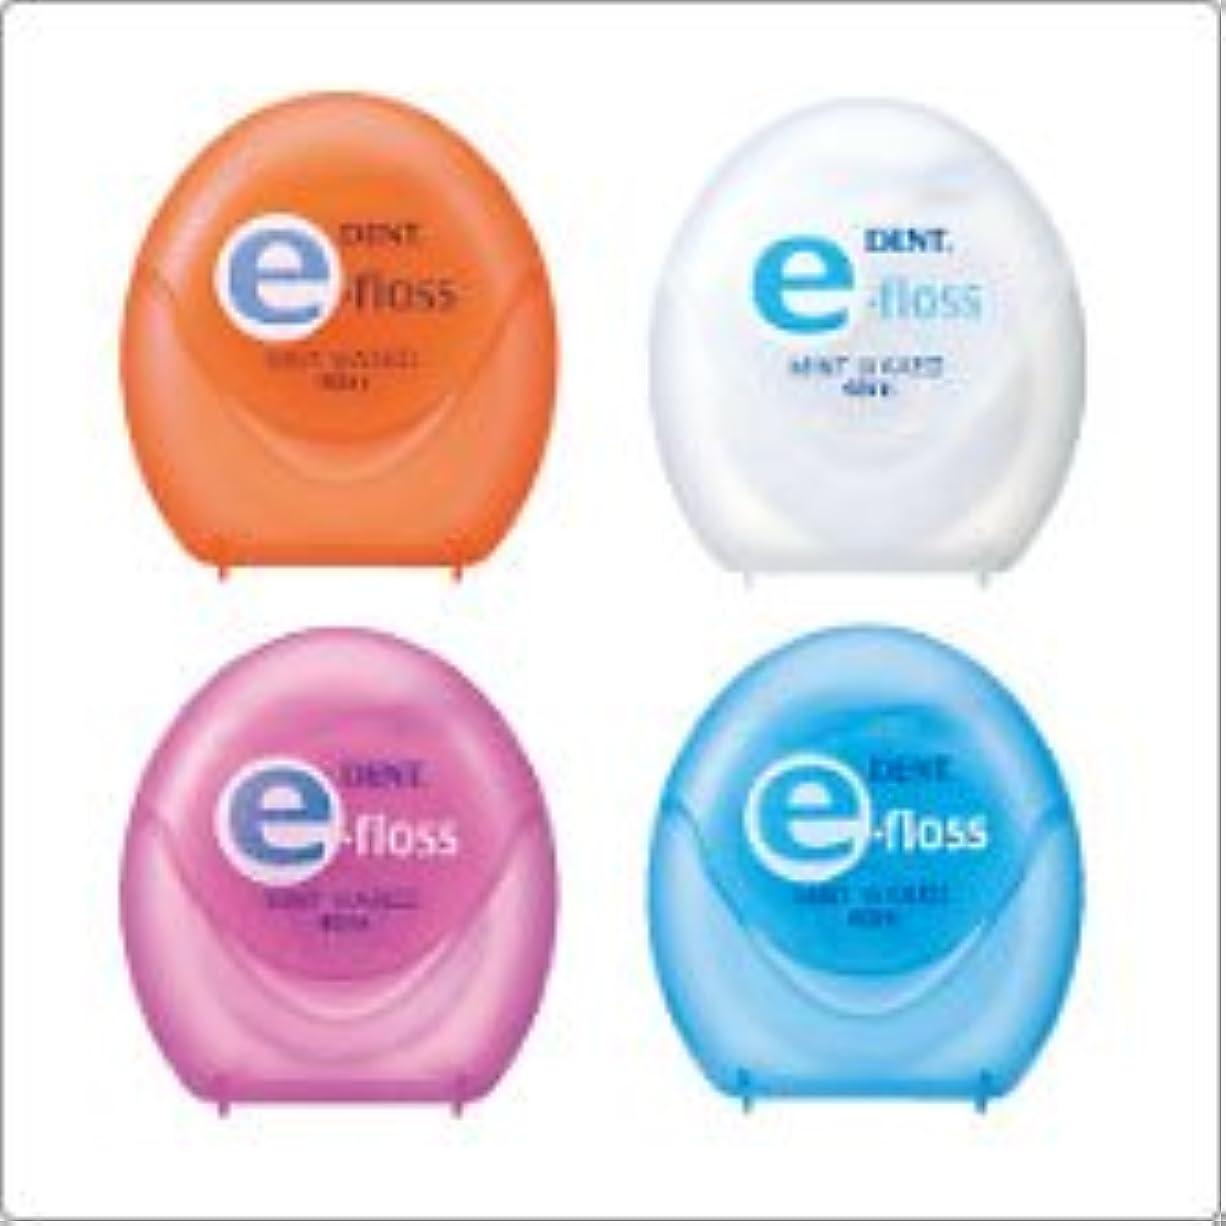 再生可能プロフィールチャールズキージングライオン歯科用DENT.e-fross 12個 フロスデント イーフロス